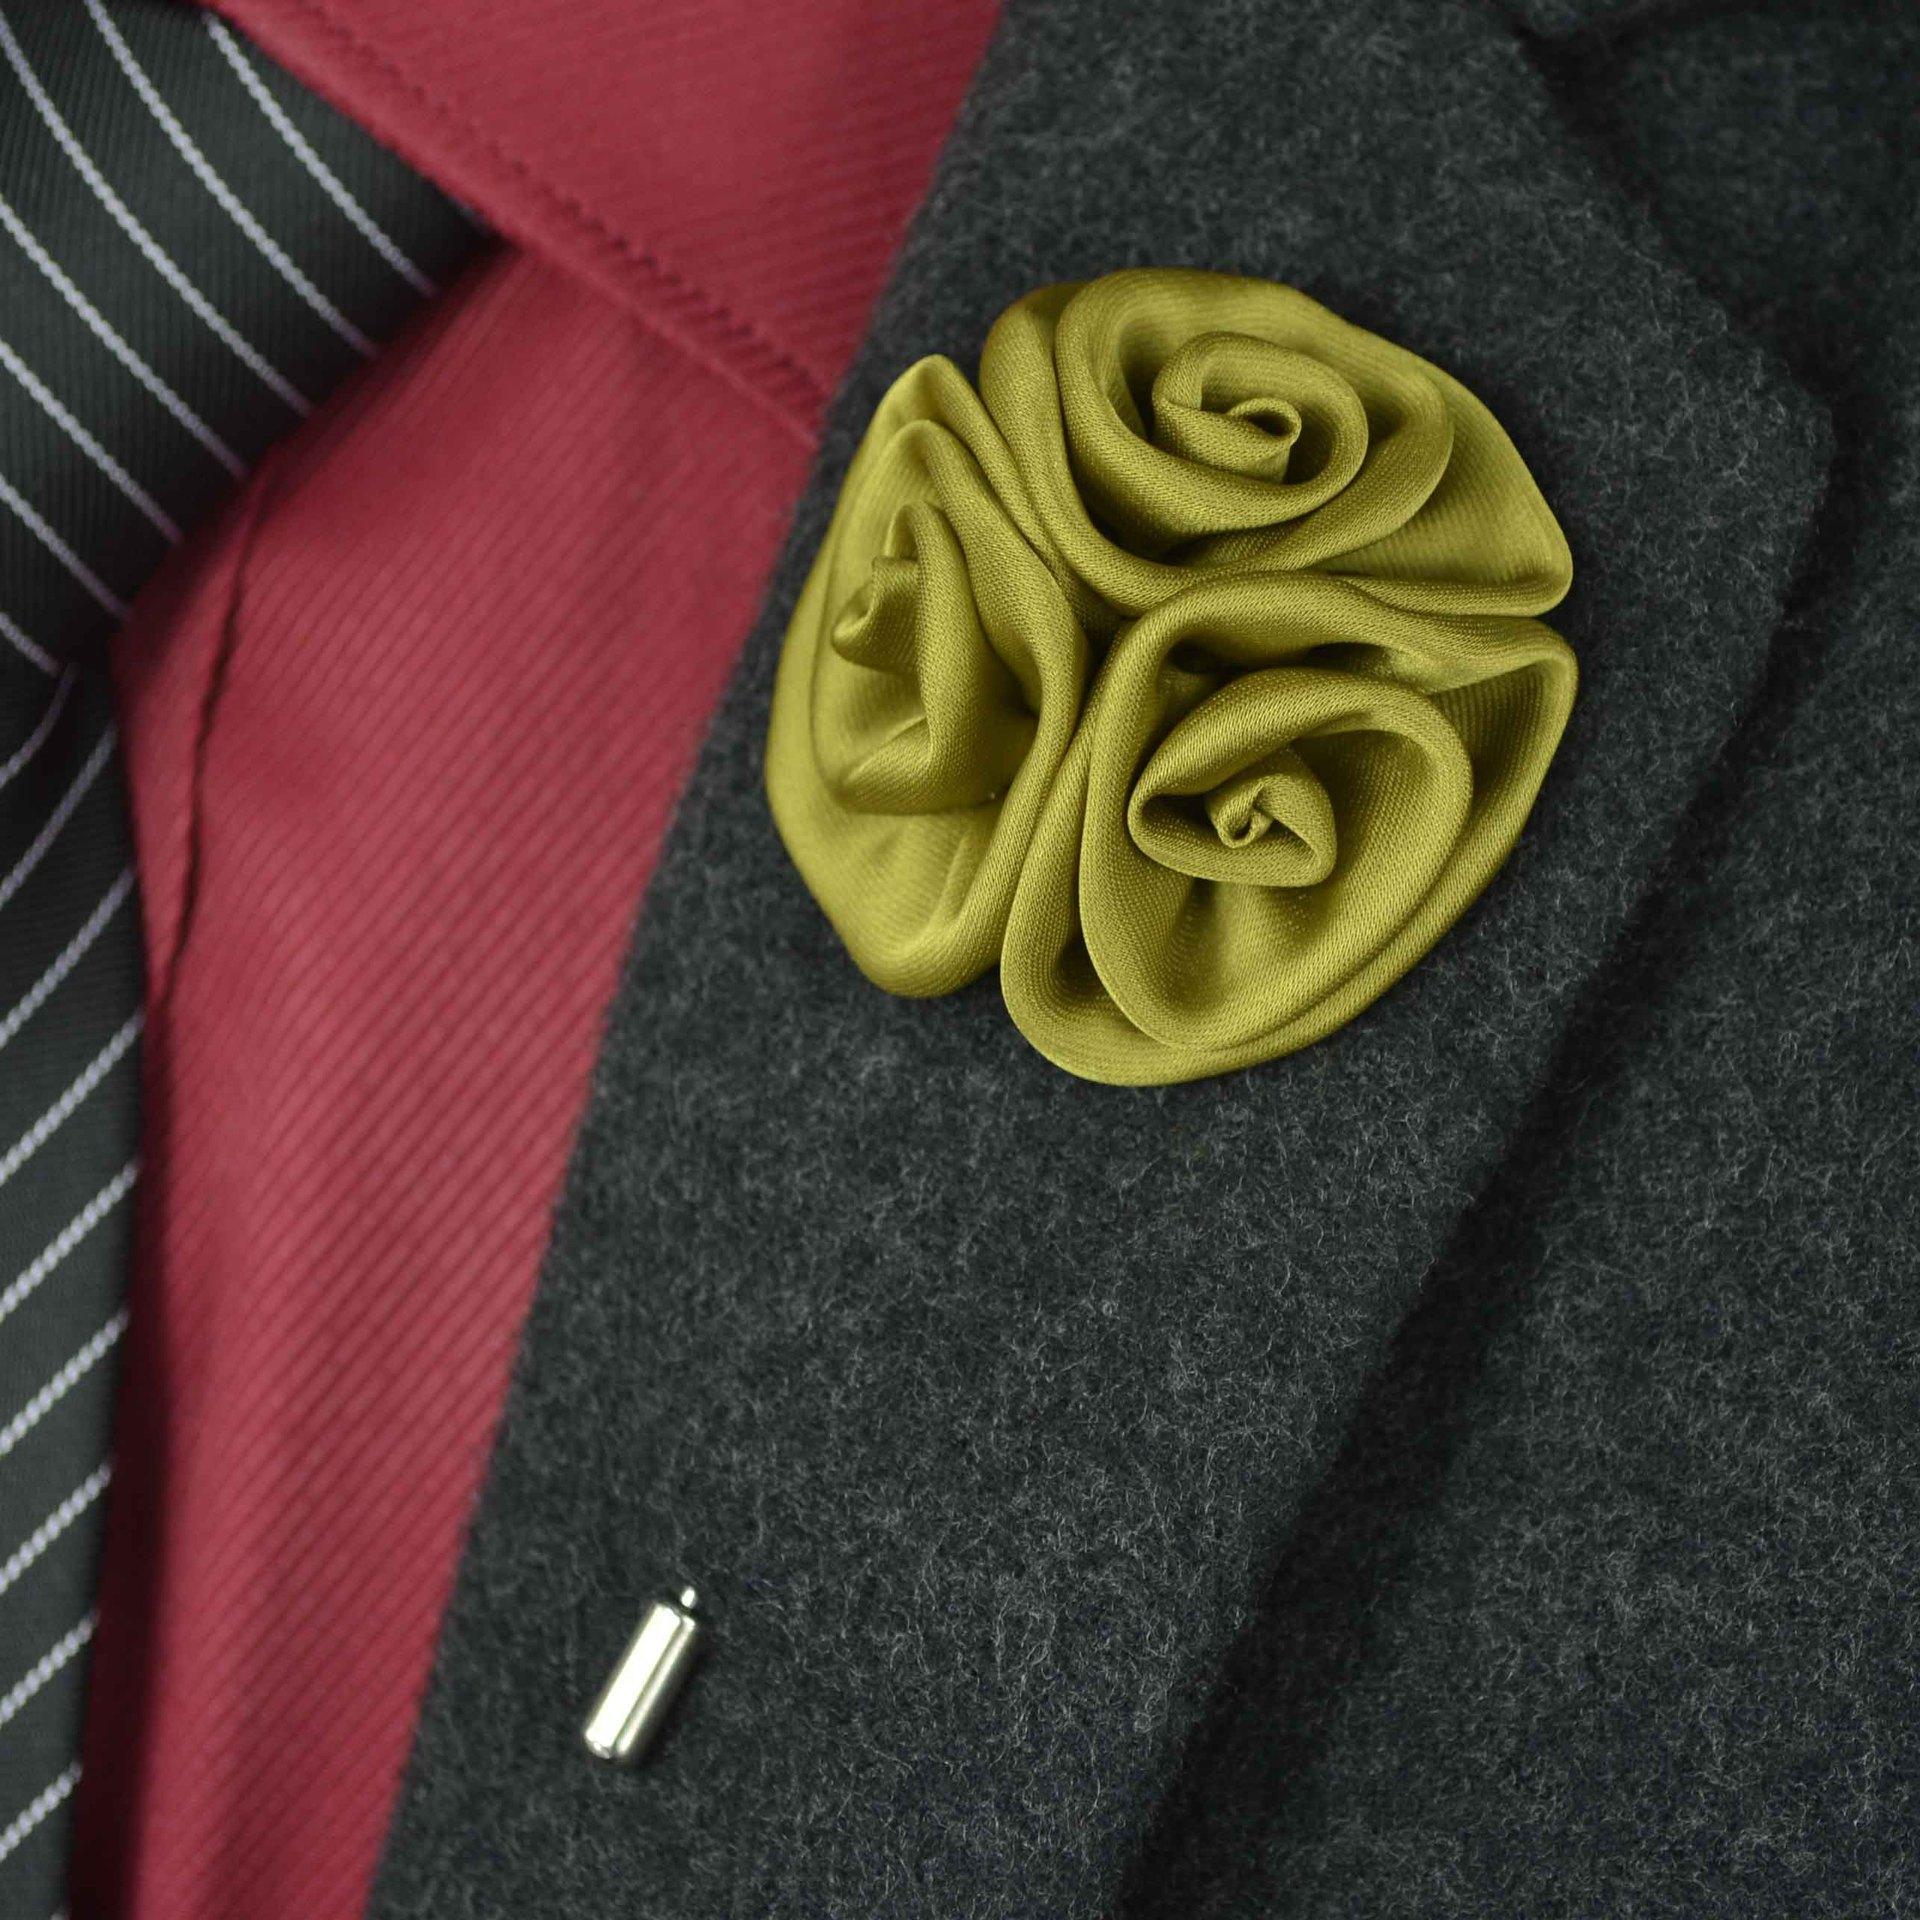 Erkekler Mayo Aksesuarlar Chirstmas Hediyeler Classic Çiçek Broş Yaka Pin Moda Tasarımcısı El yapımı Erkekler Katı Çiçek Broş Yaka Pin